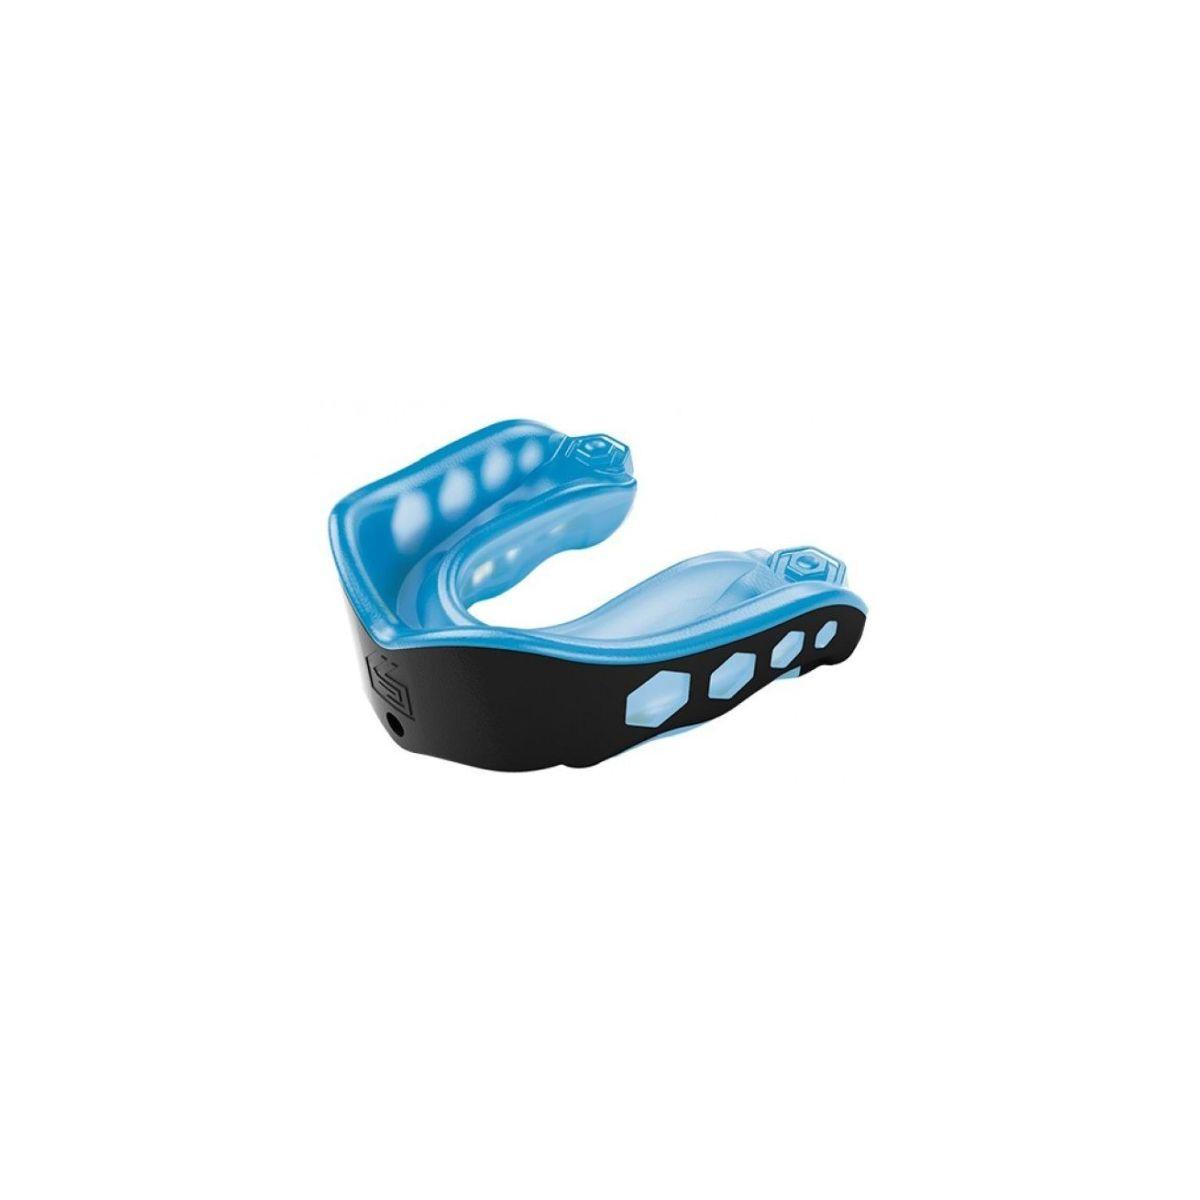 Ochraniacz na zęby Shock Doctor 6103 Gel Max Black / Blue